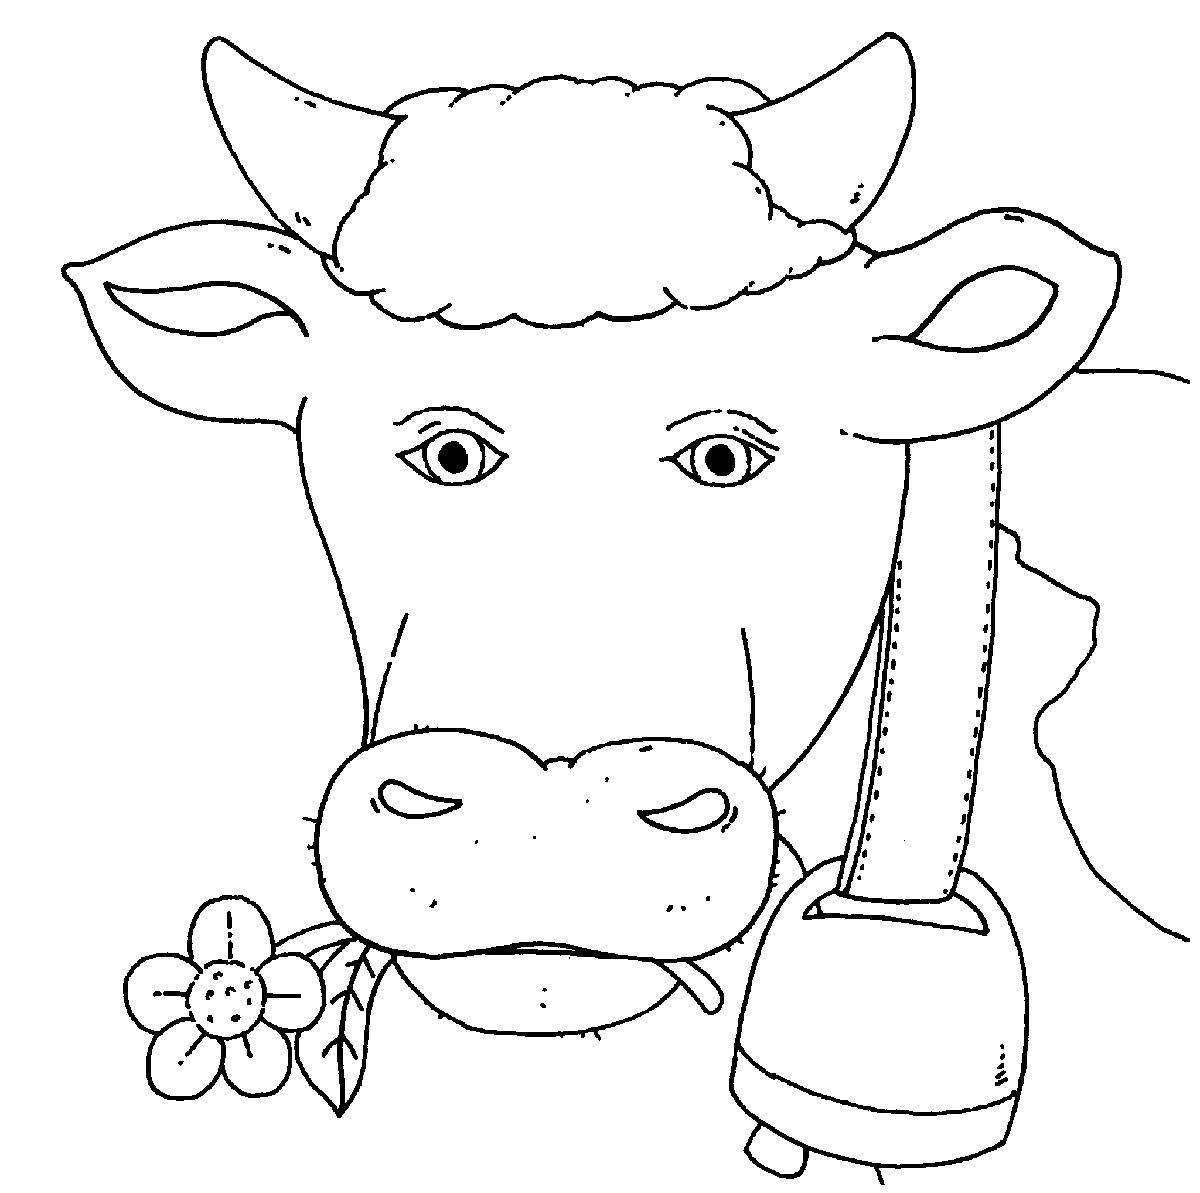 Ausmalbild Bauernhof Kuh Mit Glocke Kostenlos Ausdrucken